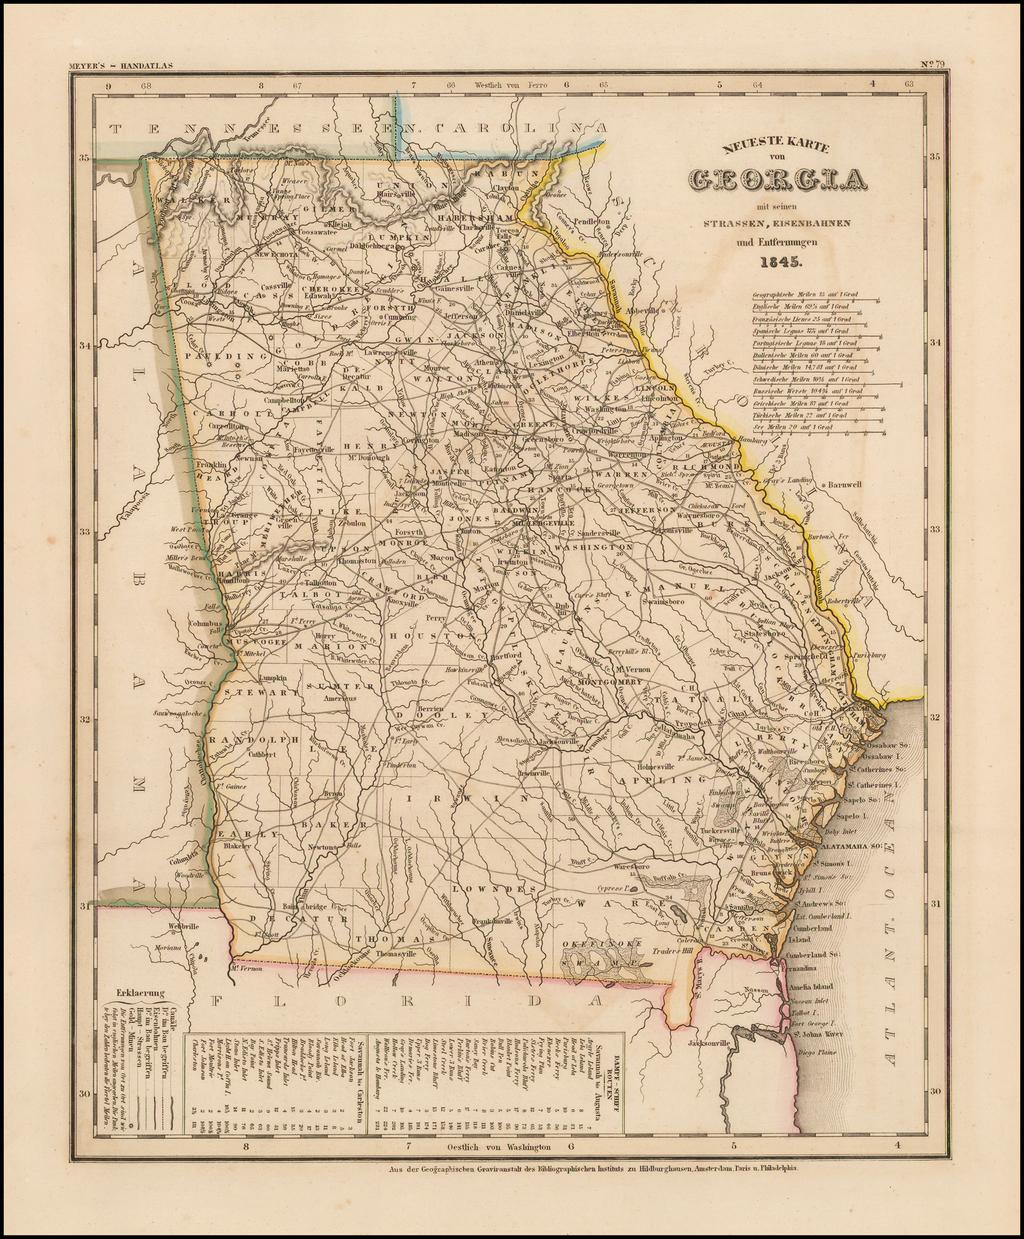 Neueste Karte von Georgia . . .  1845. By Joseph Meyer